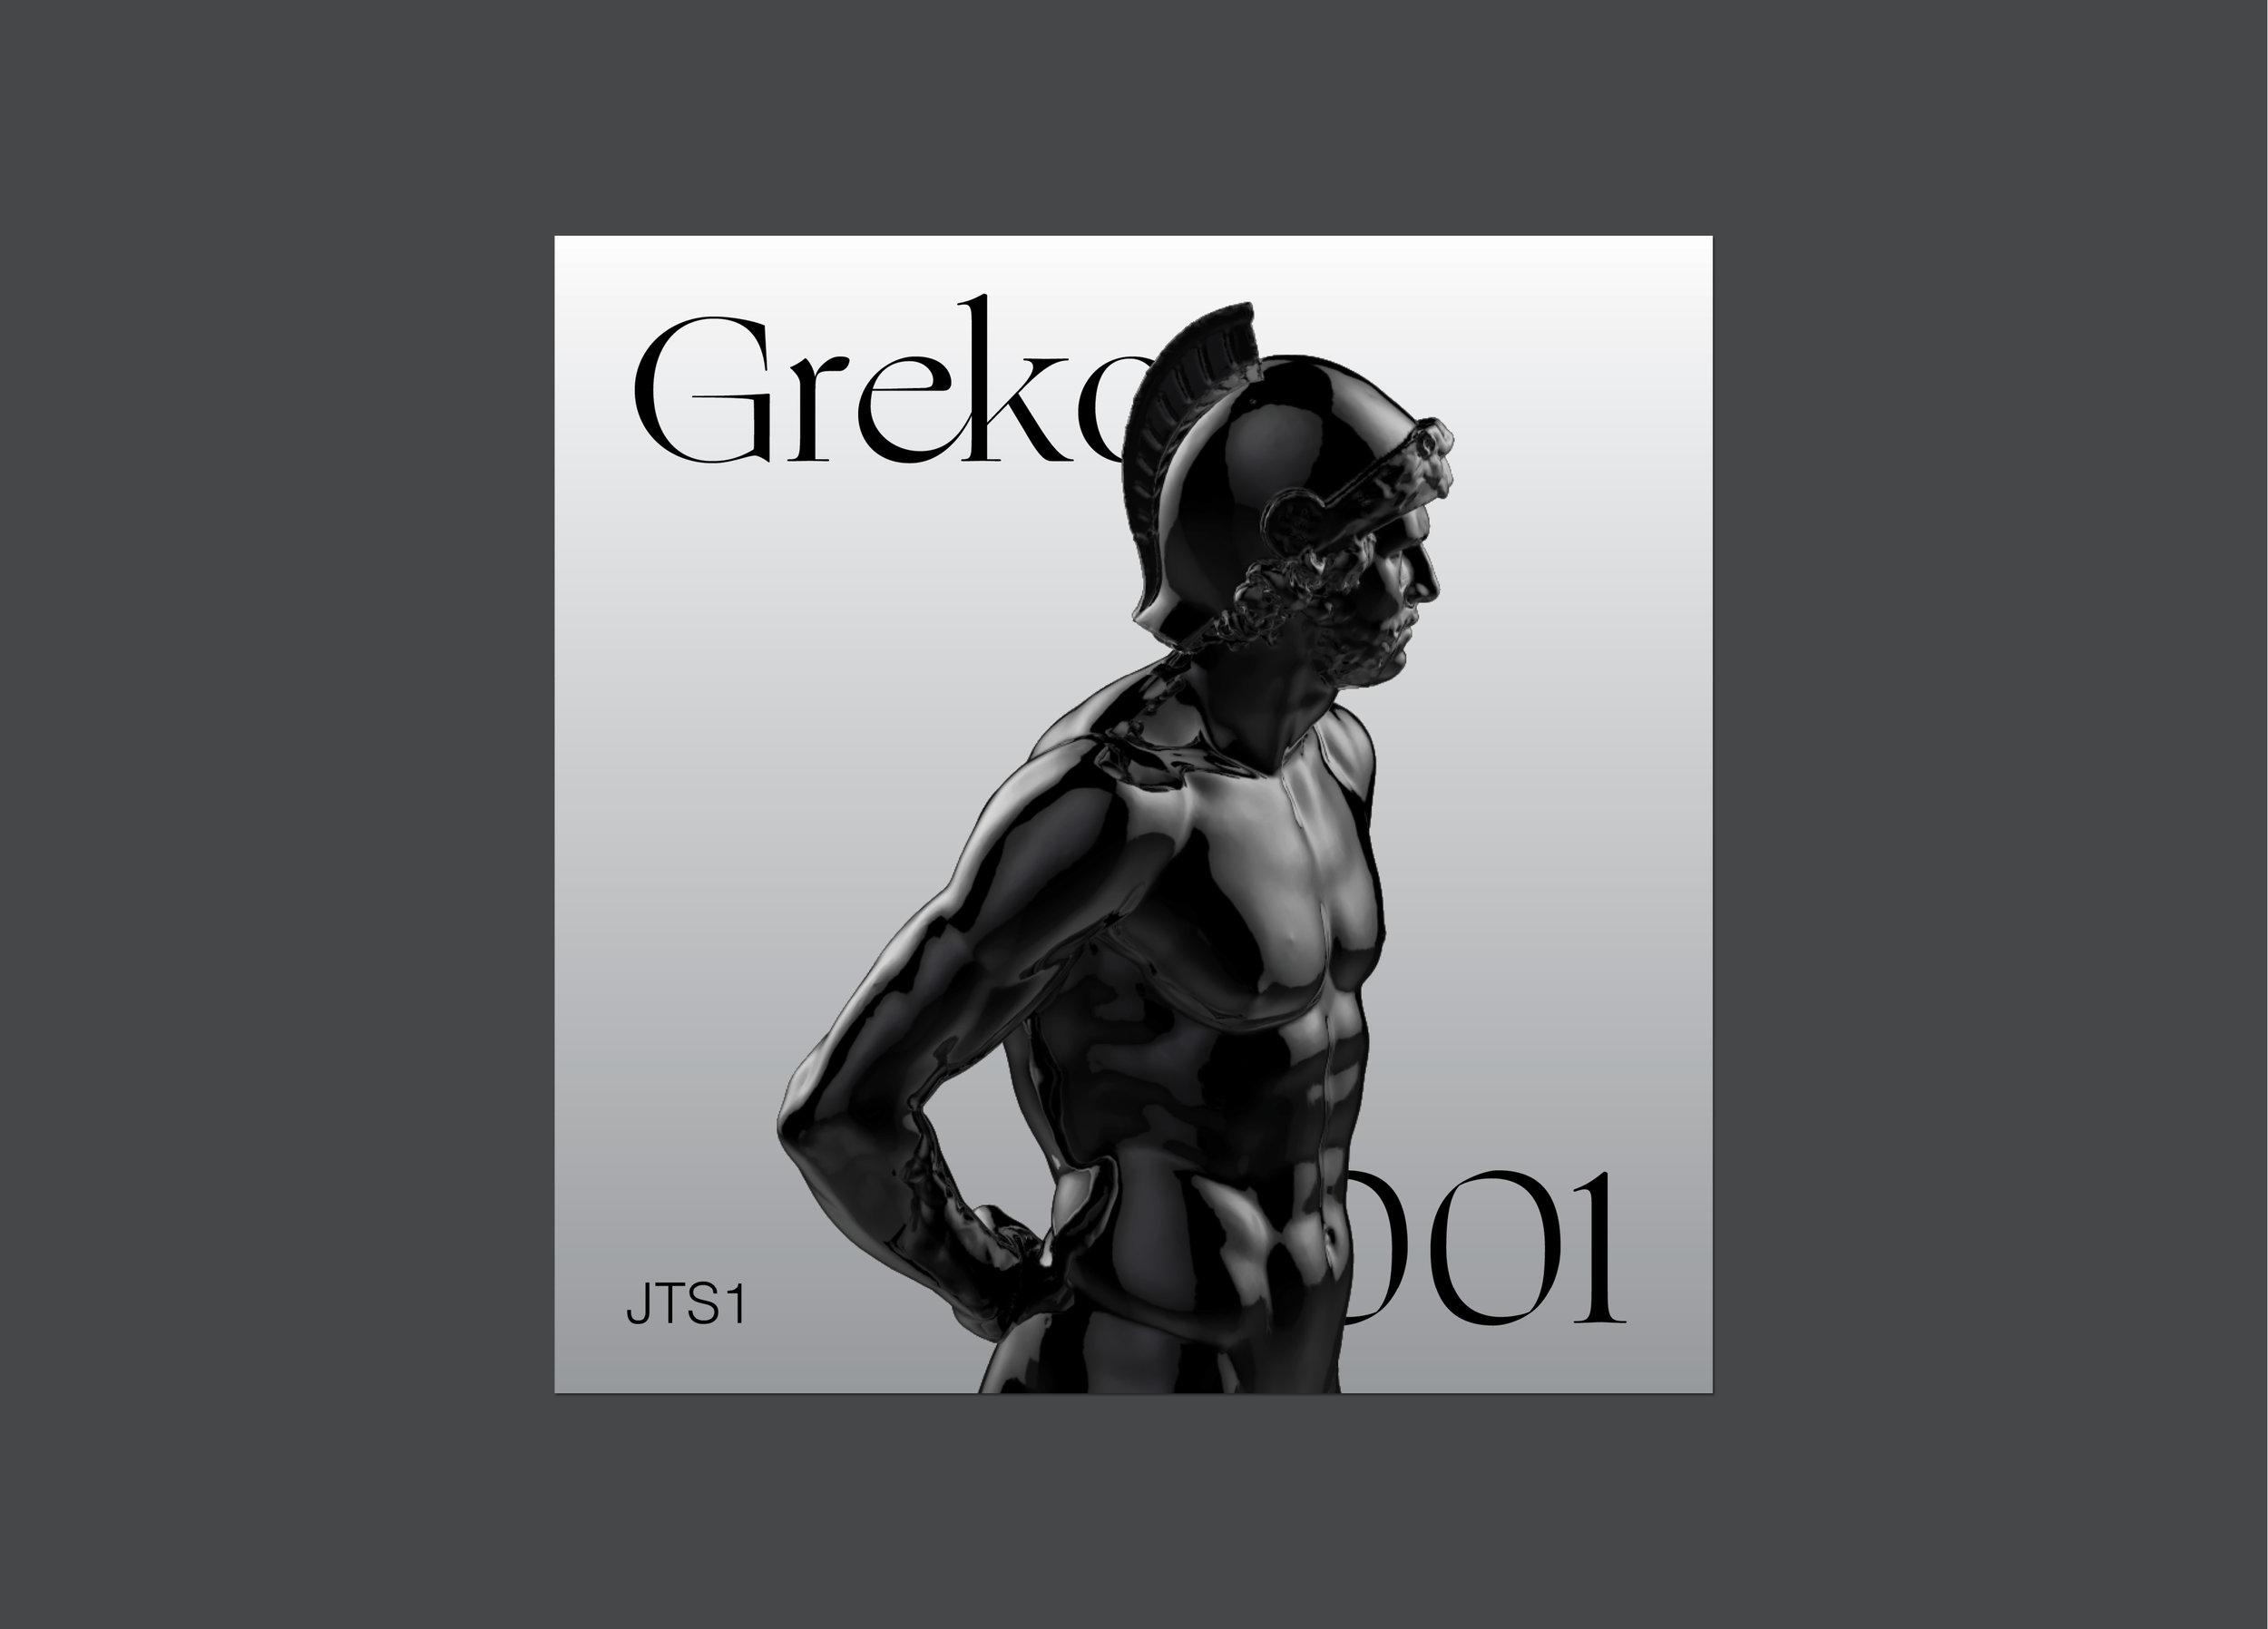 Nicolò Bernardi-JTS1-Greko001.jpg